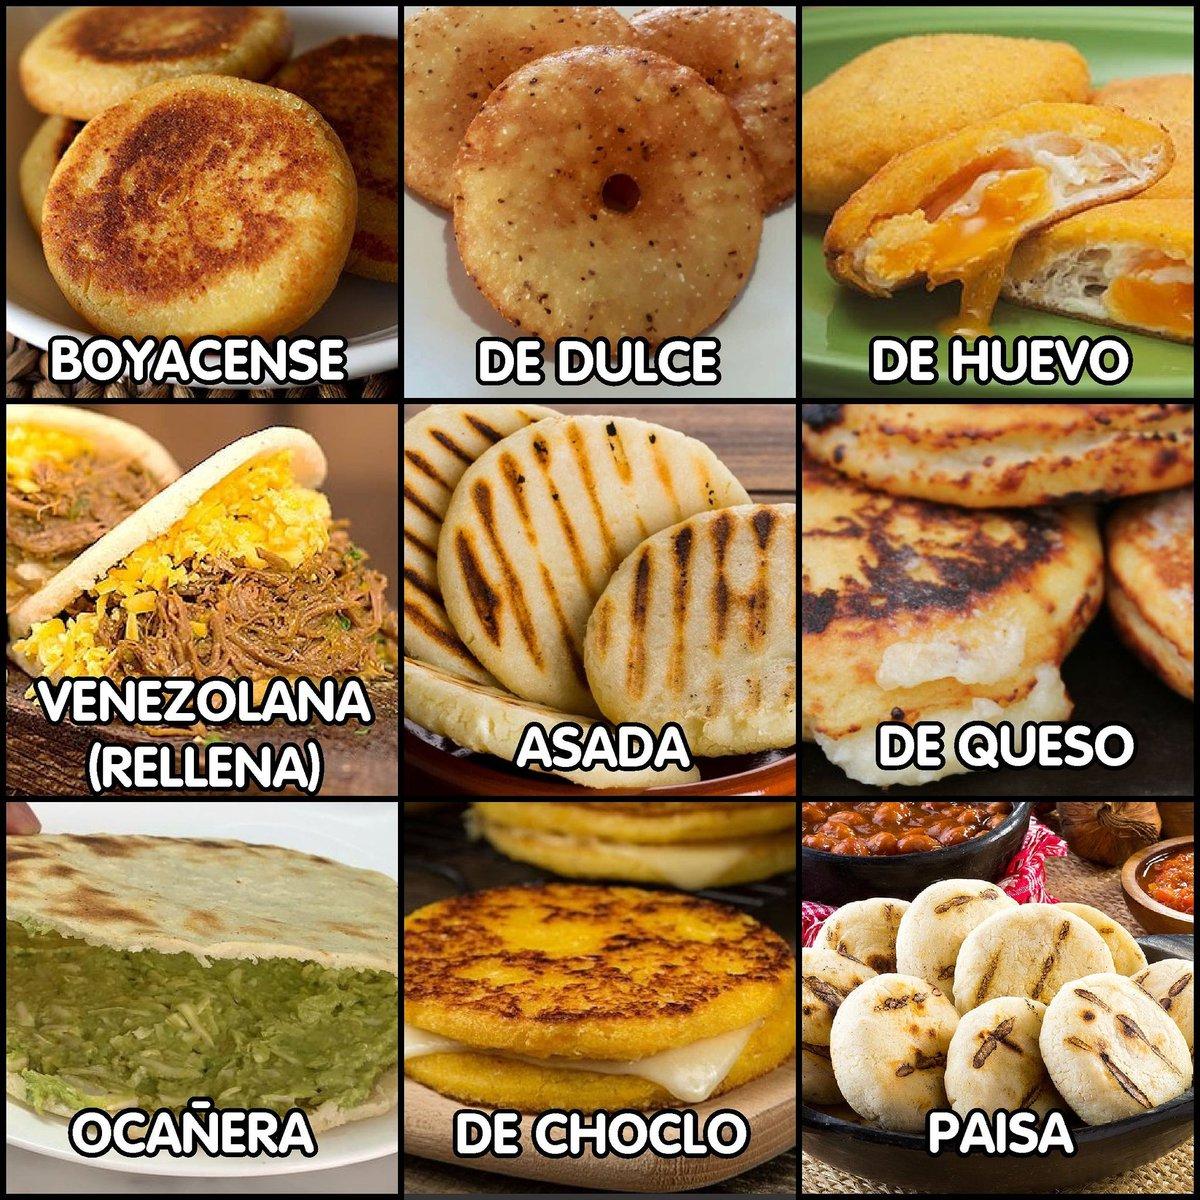 Fred Avila V 4 0 On Twitter En El Diamundialdelaarepa Comparto Con Ustedes Mis Favoritas Soy Un Amante Apasionado De Este Manjar De La Gastronomia Colombiana Venezolana Y Latina Que Nunca Falten Las Arepas